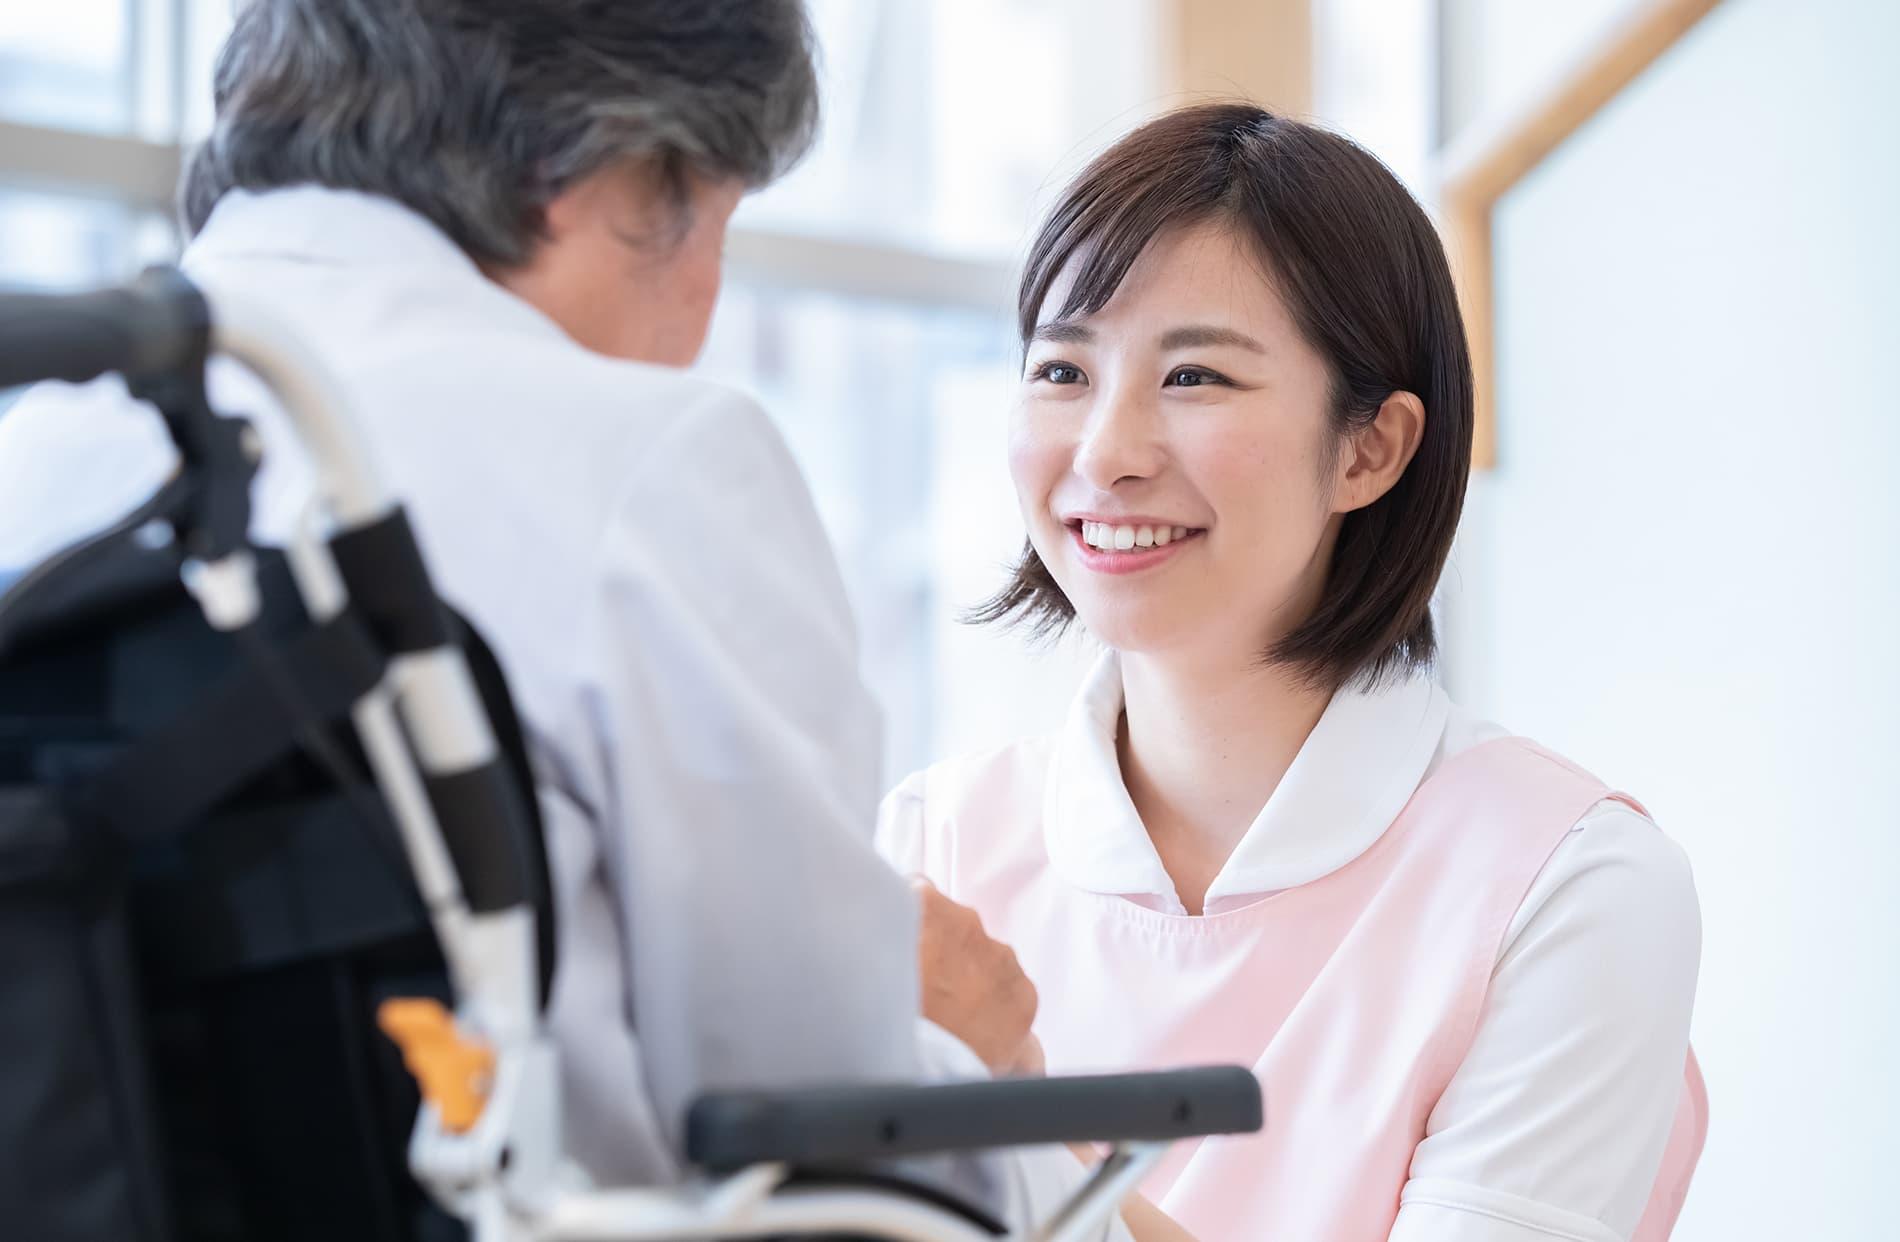 介護施設向けの新人職員研修